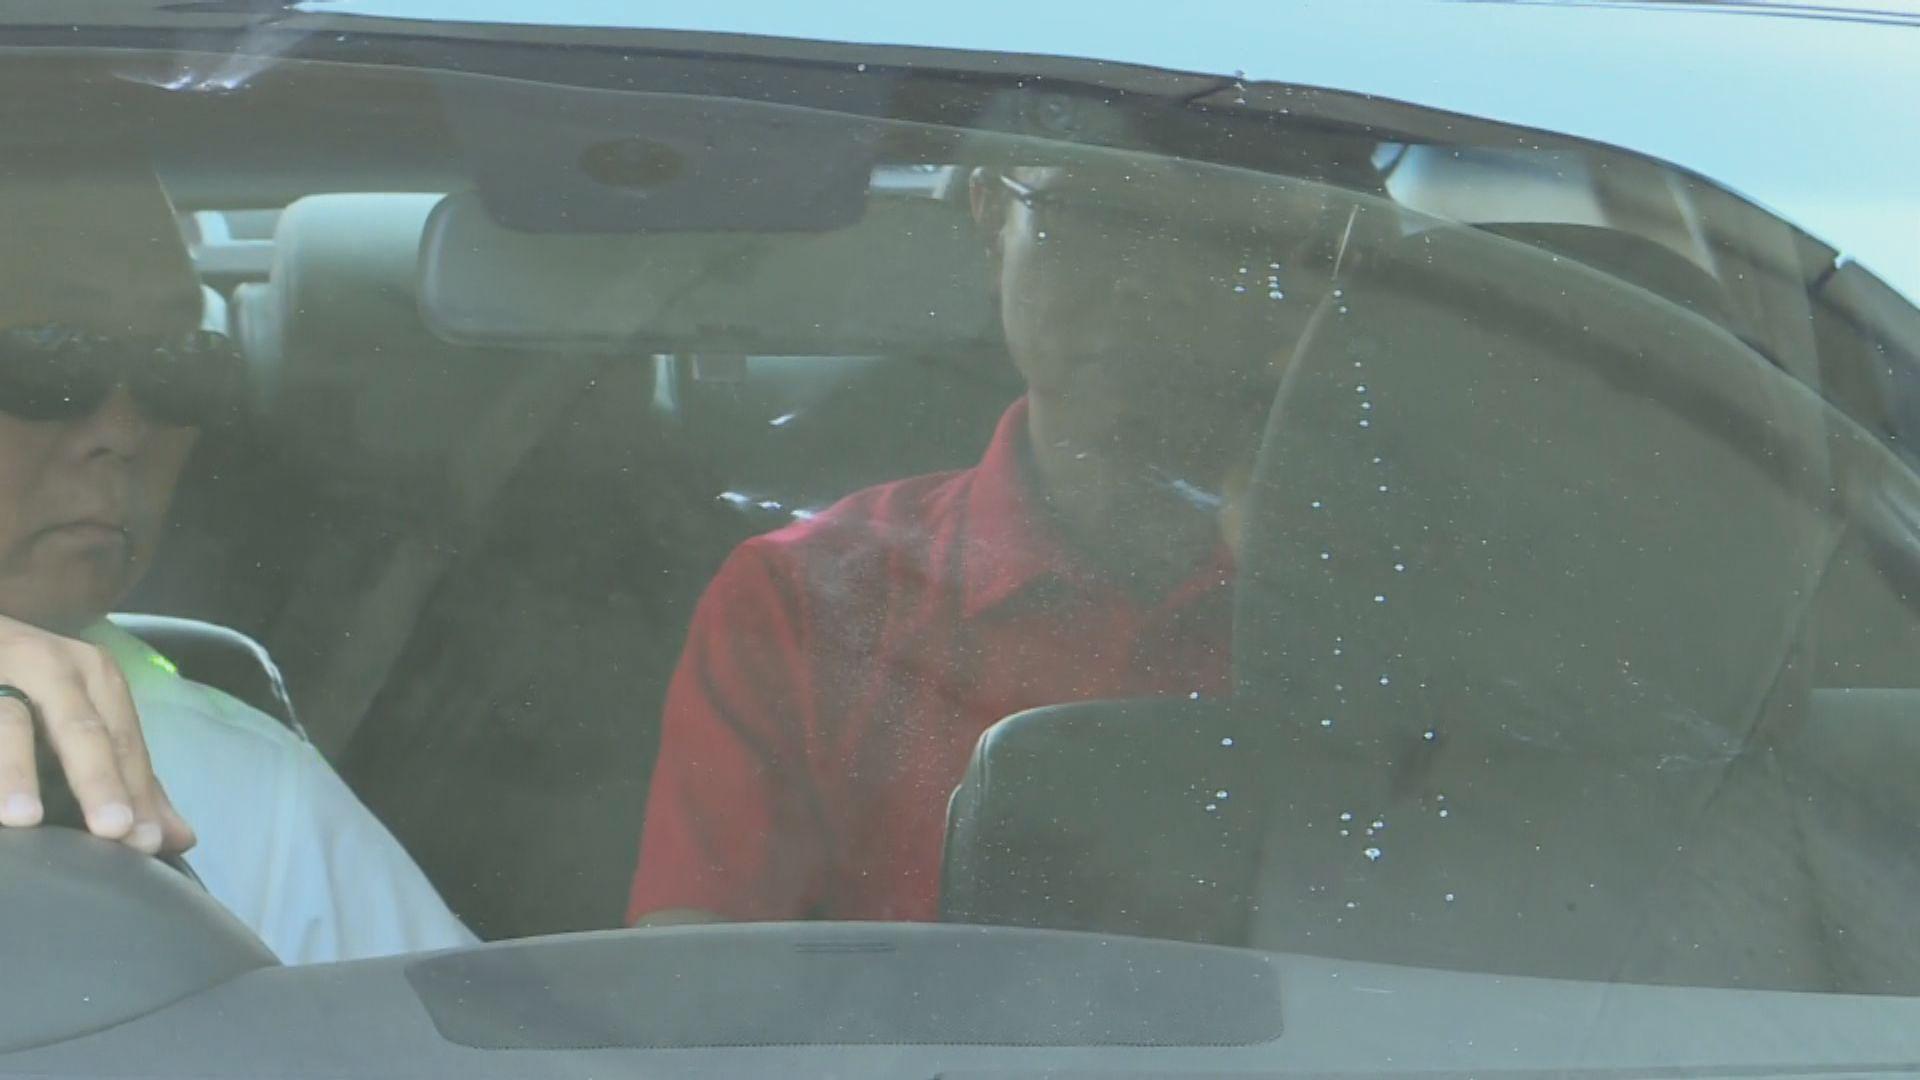 聶德權社交網站表示曾想下車與在場人士對話